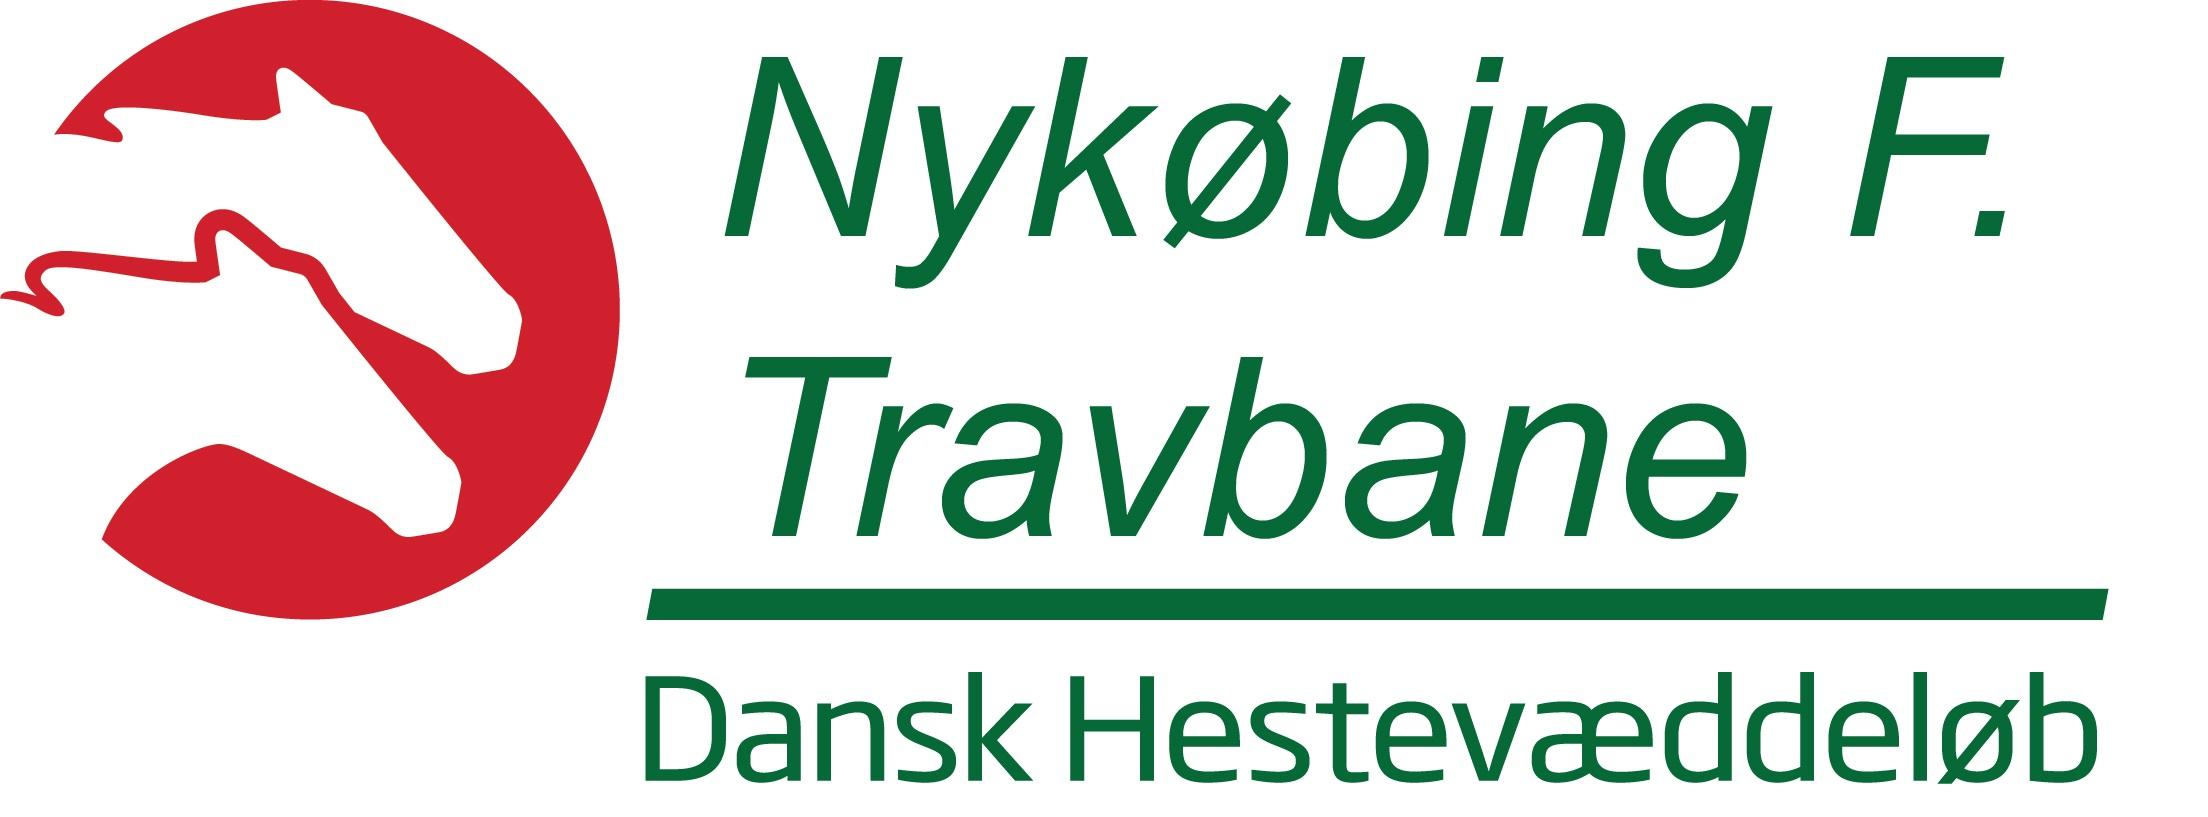 Nykøbing Falster Travbane